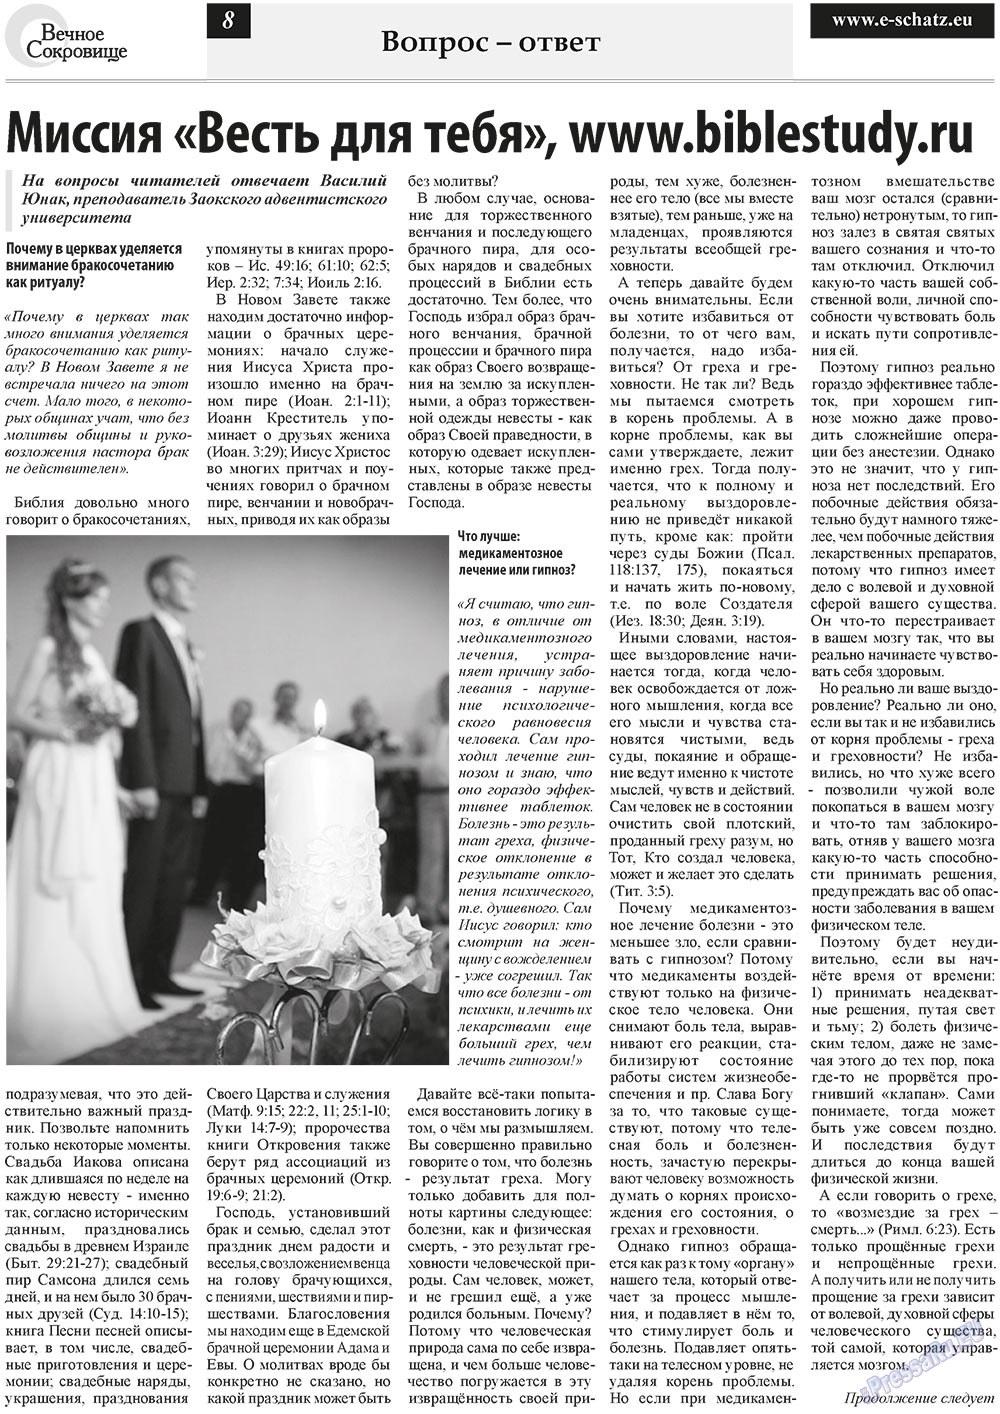 Вечное сокровище (газета). 2011 год, номер 1, стр. 8